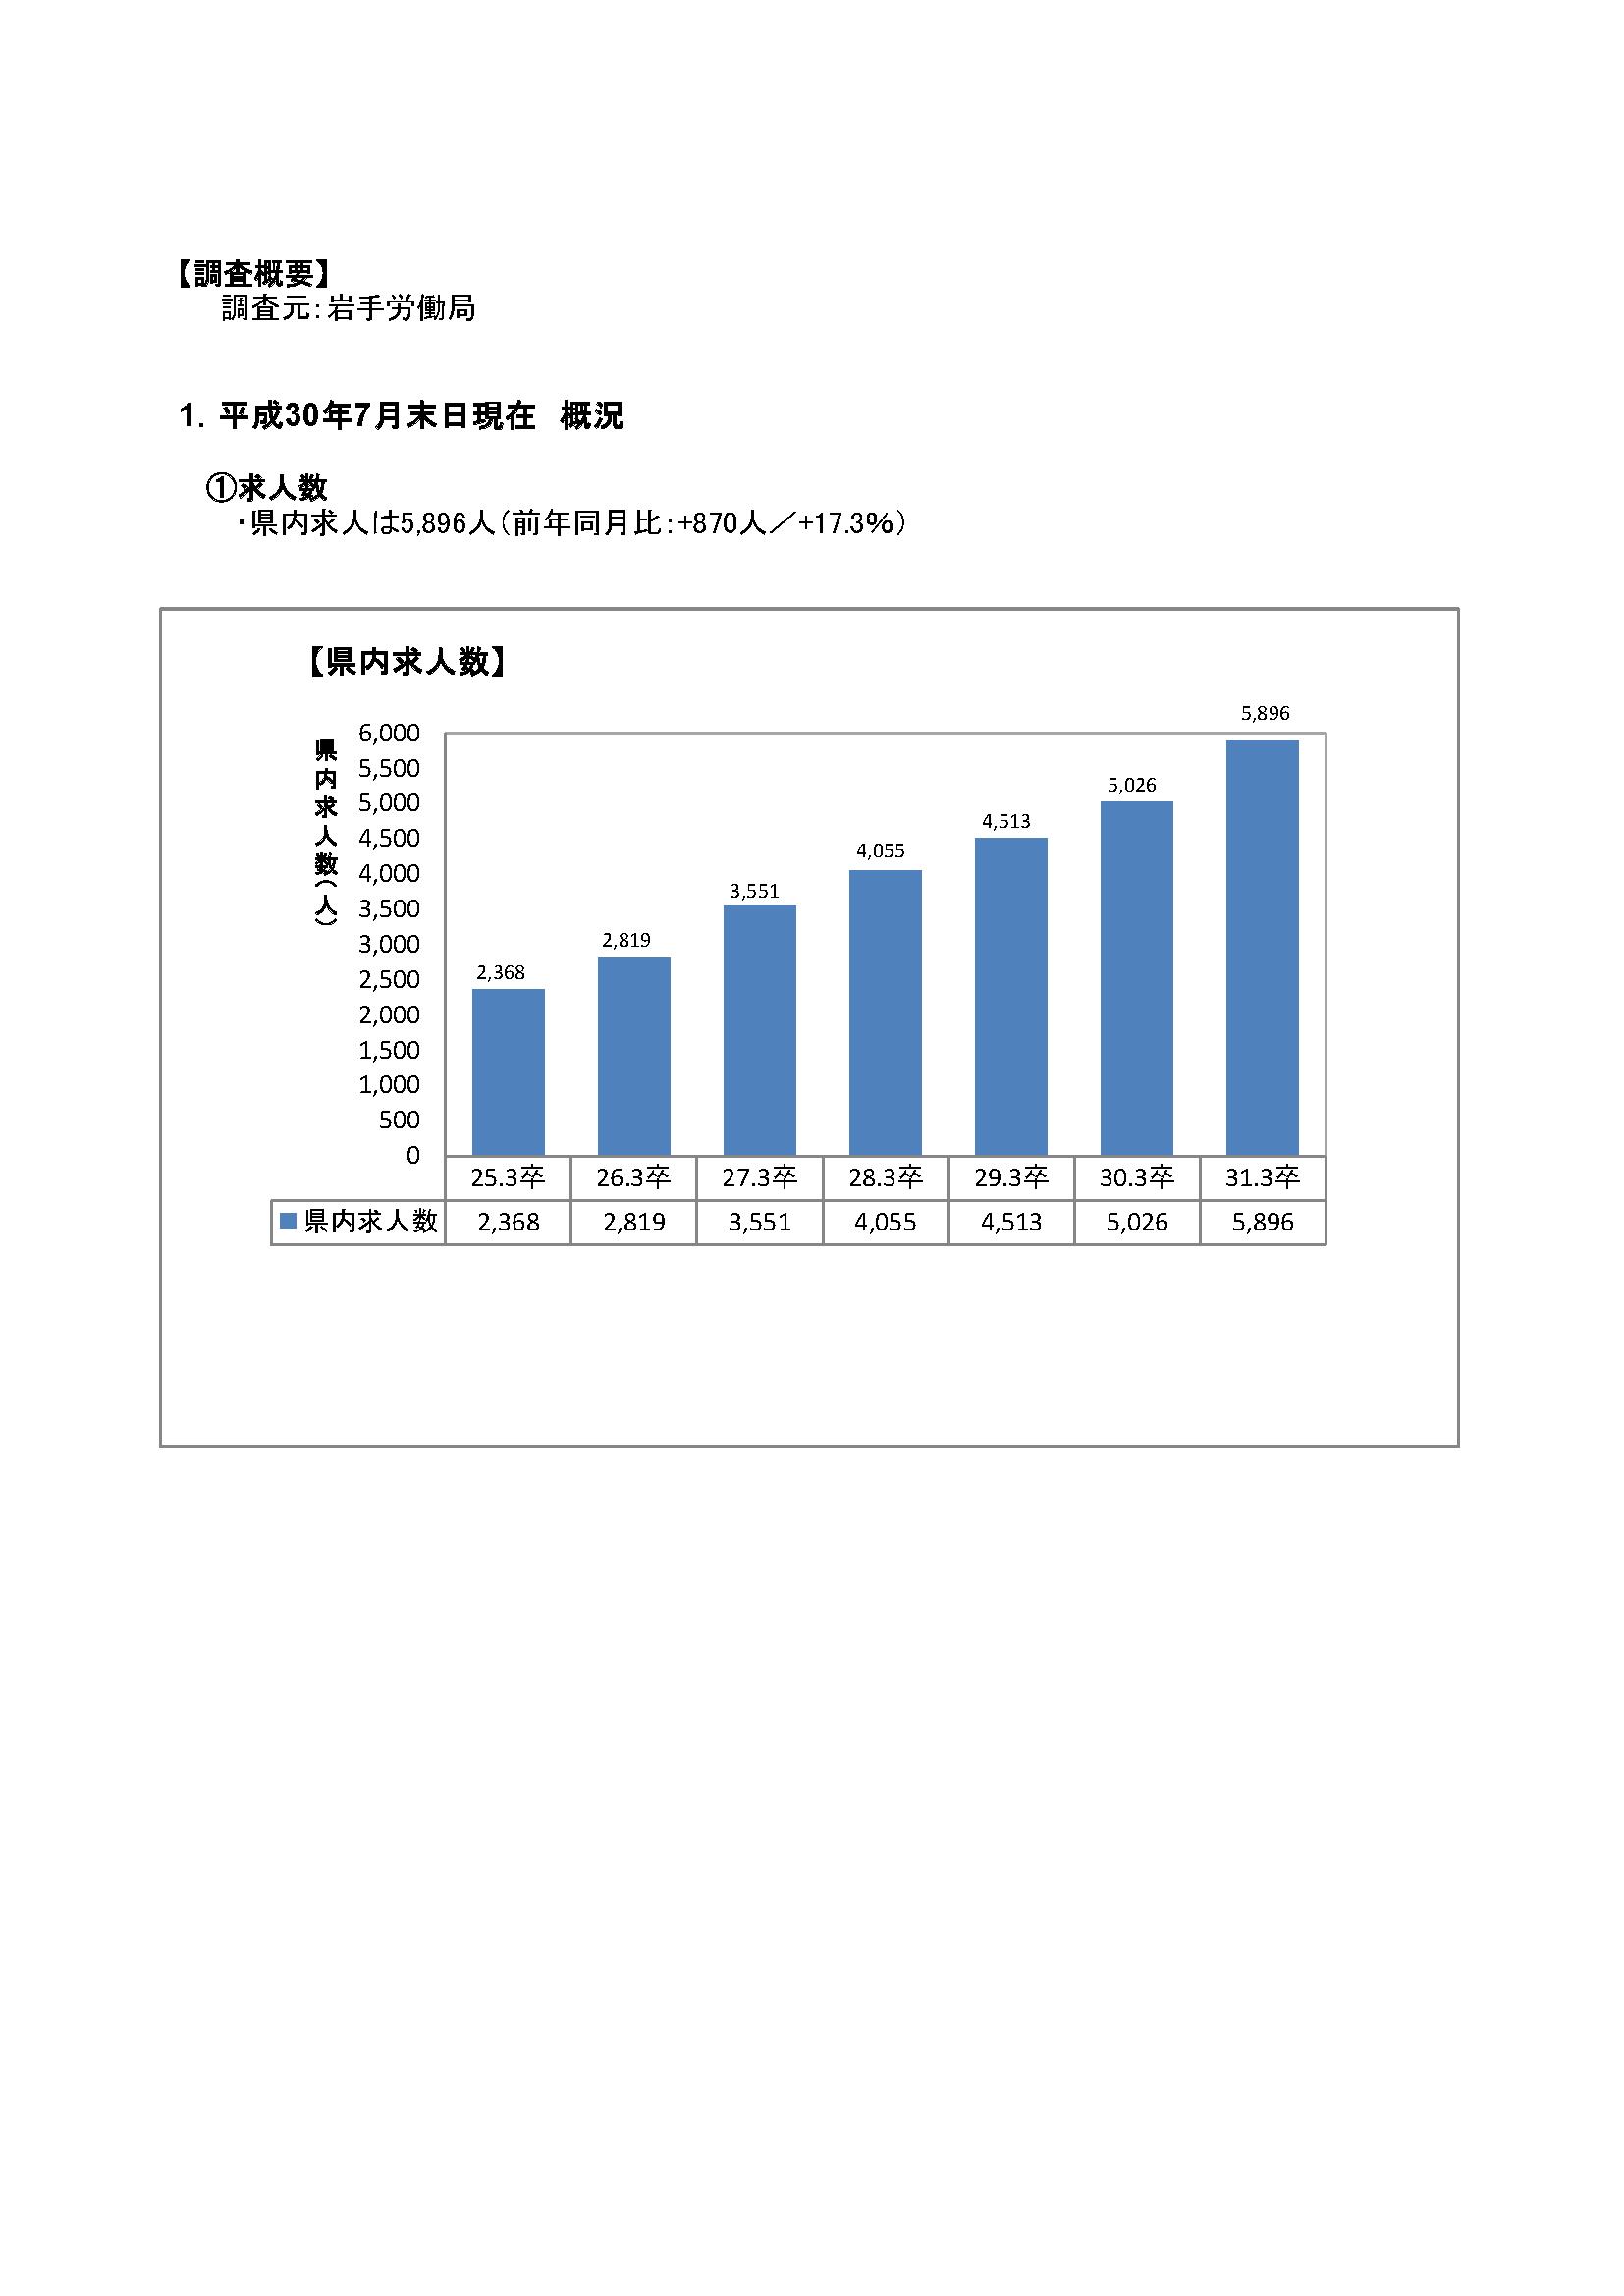 H31.3月高卒者職業紹介状況資料(201807月末現在)